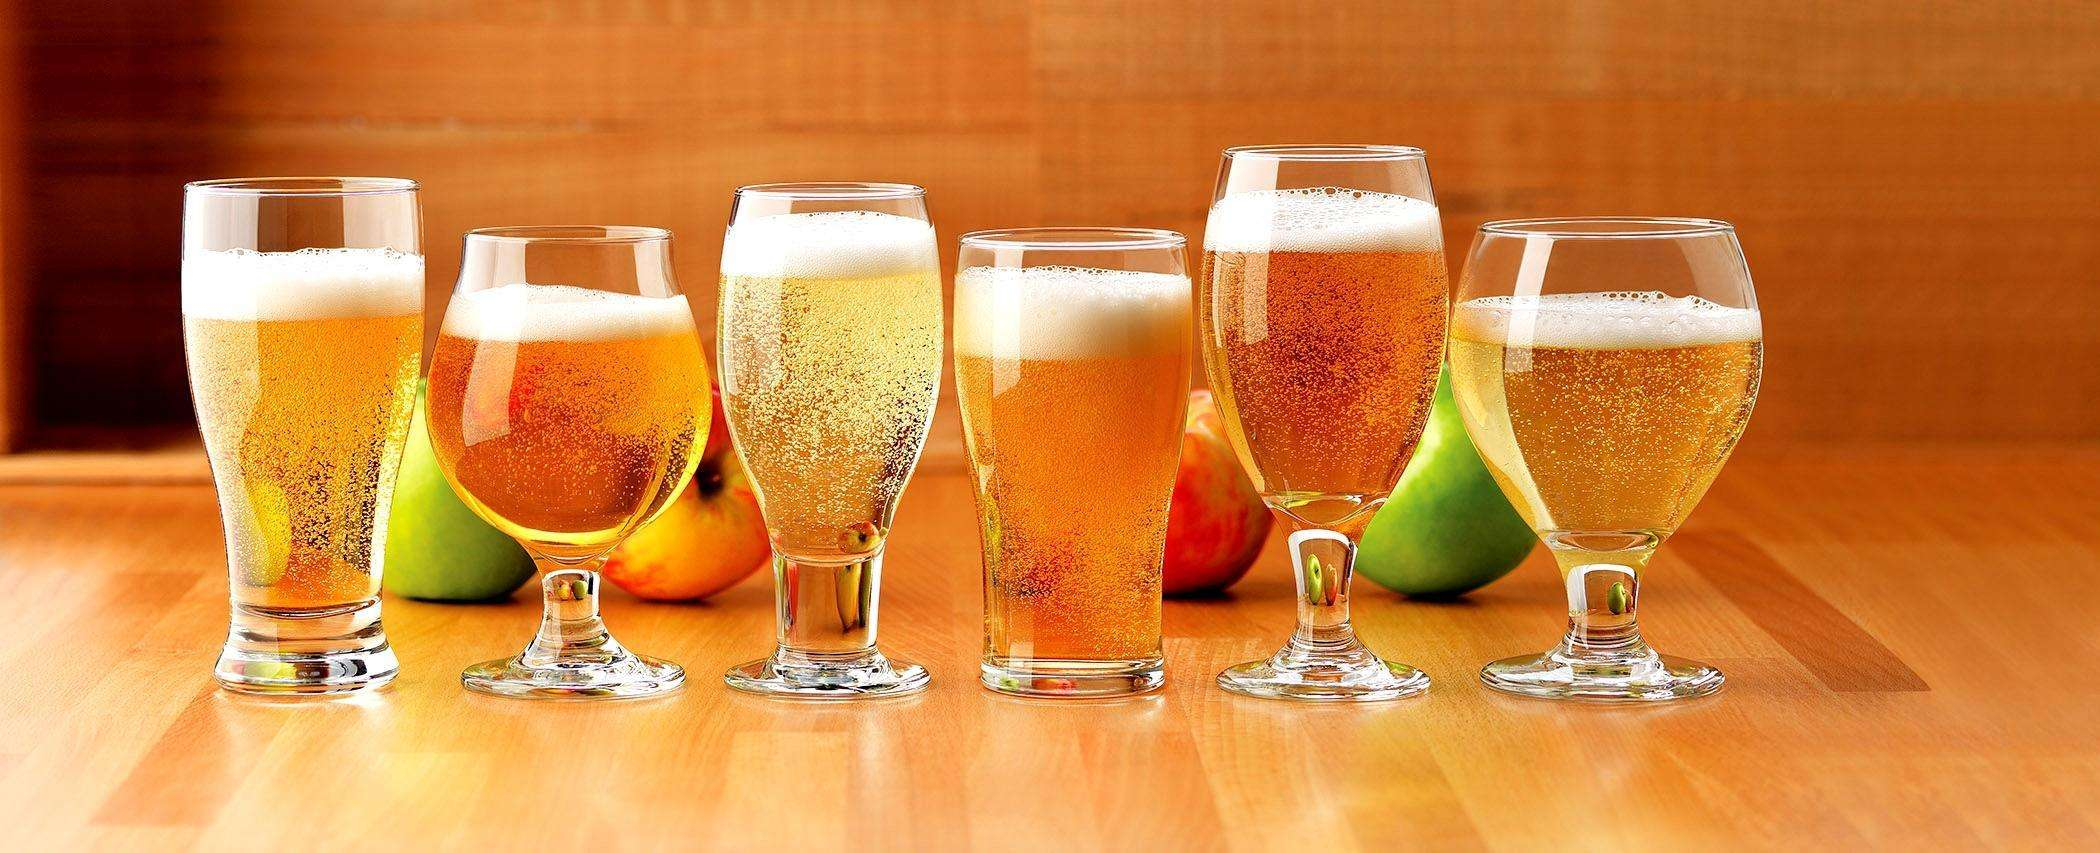 孕妇可以喝苹果醋吗?孕妇可以喝多少苹果醋?已回答